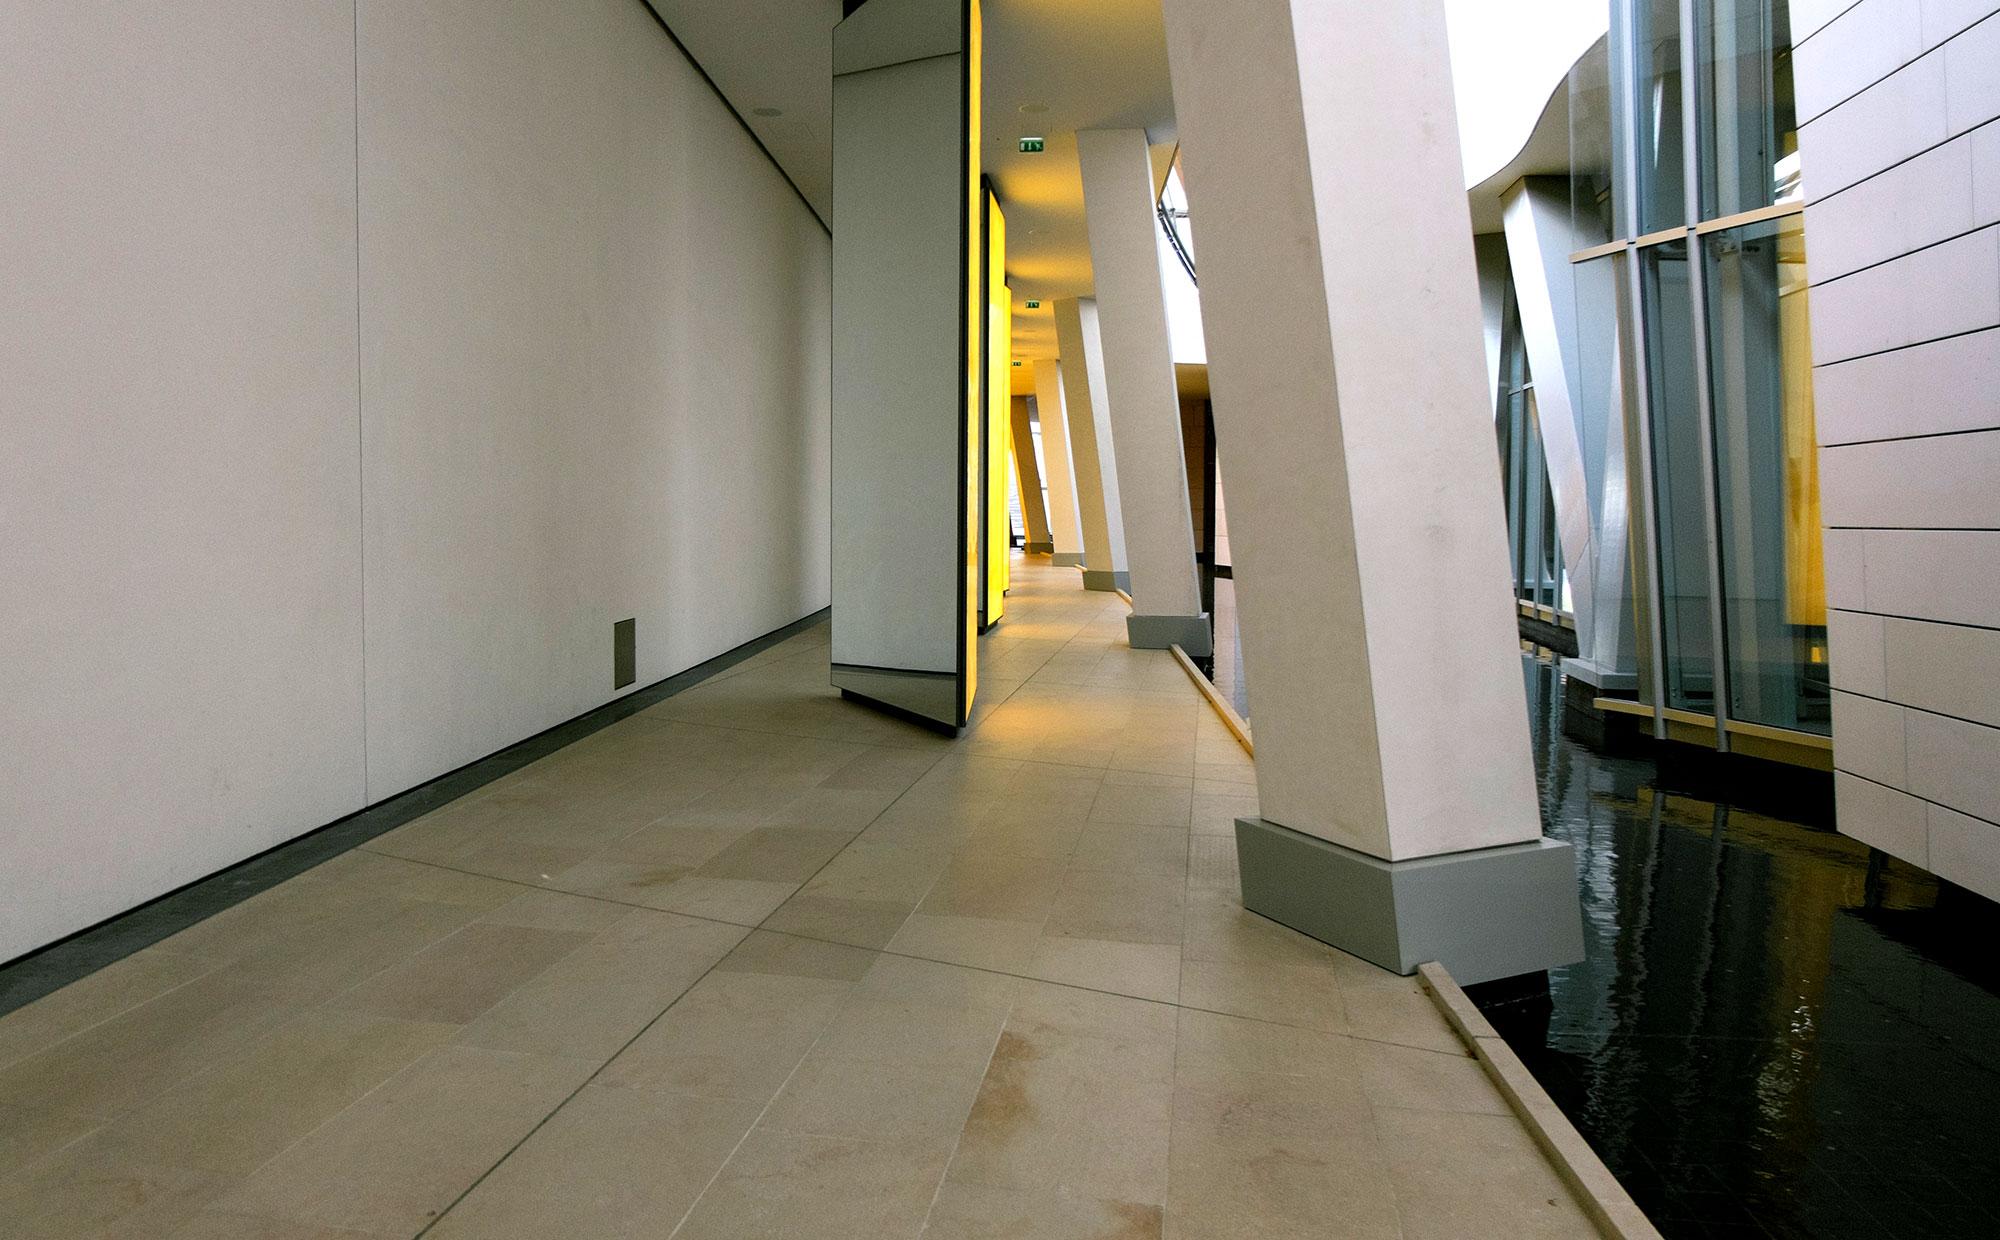 Limpieza de suelos de mármol. Limpiezas Ayala